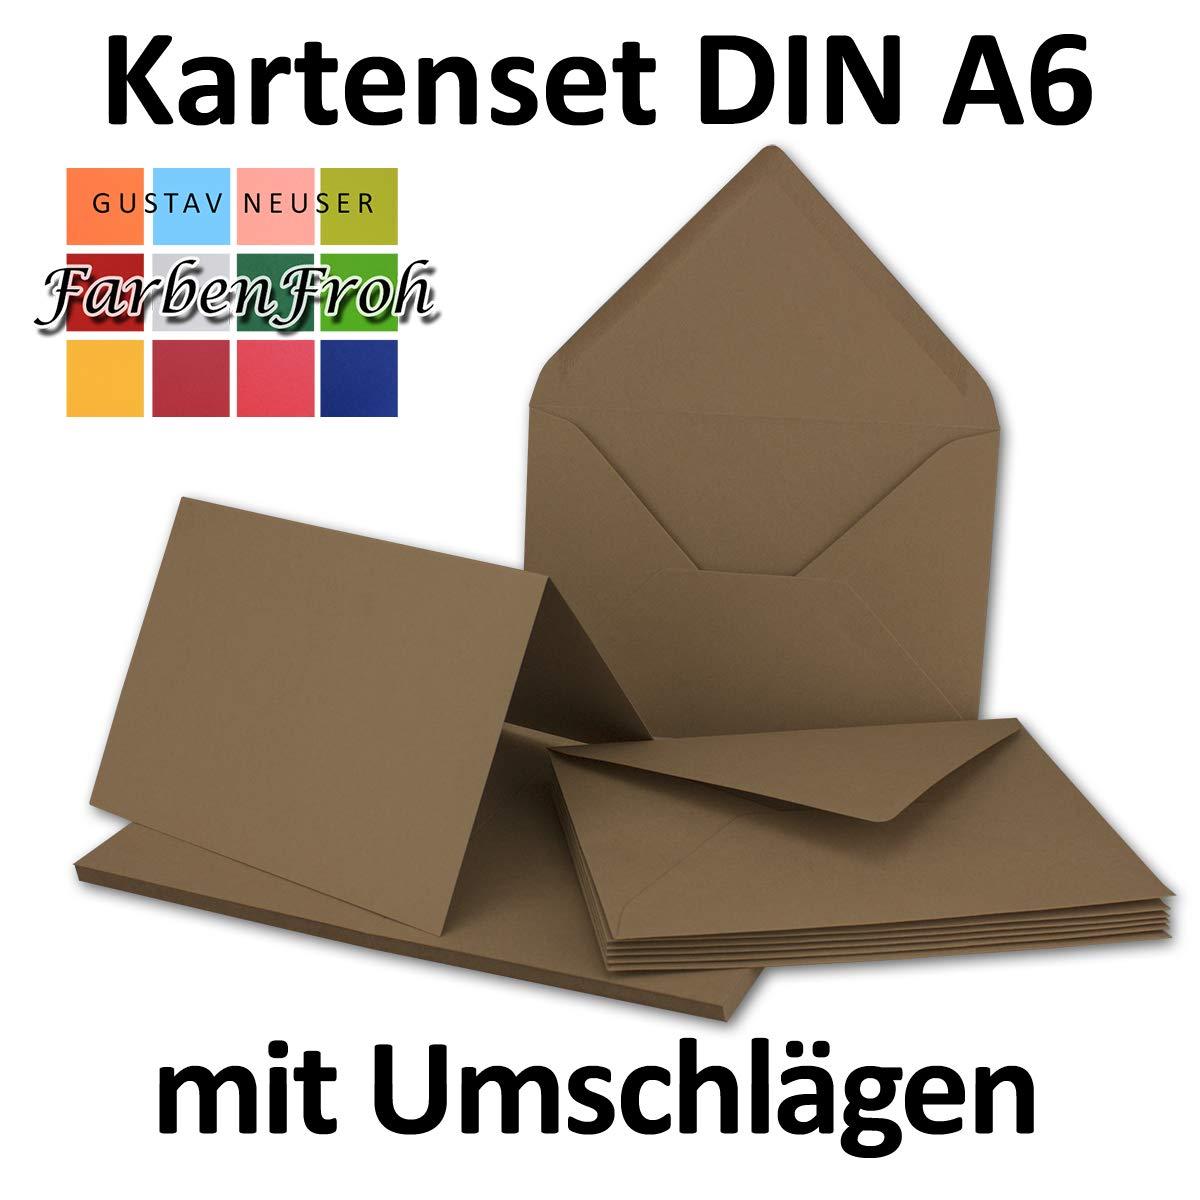 Faltkarten Set mit Brief-Umschlägen DIN A6     C6 in Rosanrot   100 Sets   14,8 x 10,5 cm   Premium Qualität   Serie FarbenFroh® B079Z4K92C | Exquisite (in) Verarbeitung  3bdced